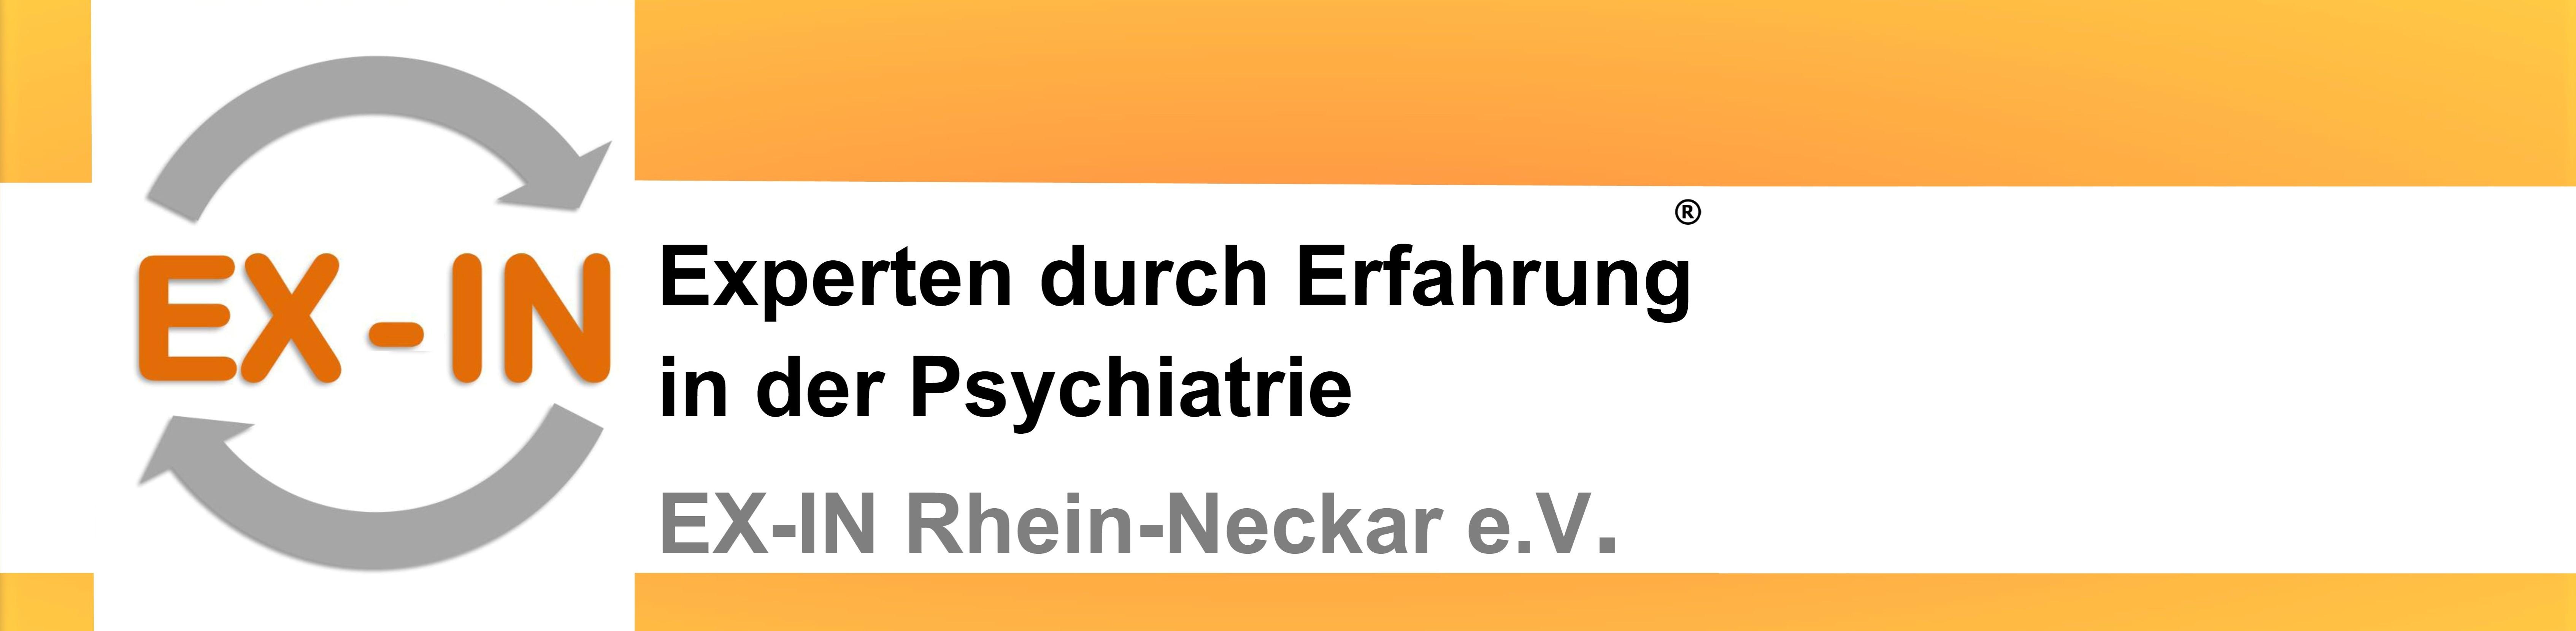 Ex-In Rhein-Neckar e.V.